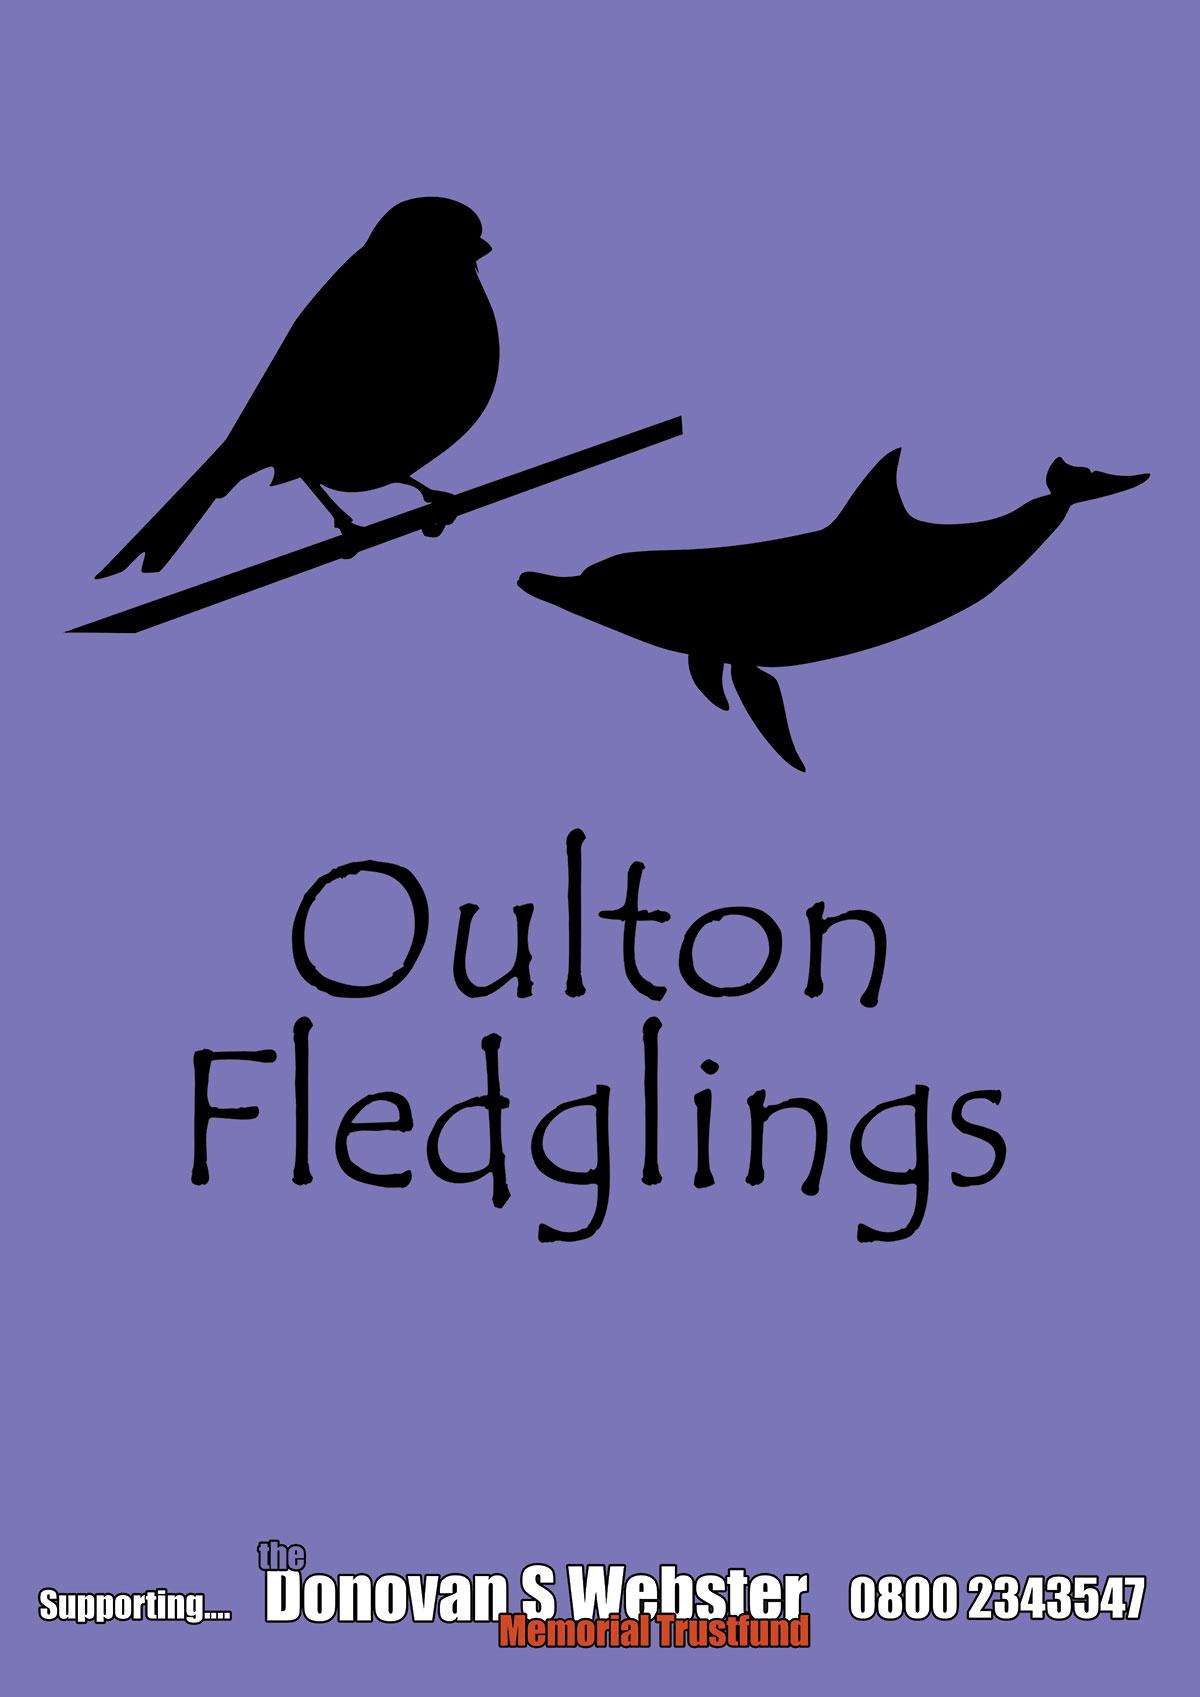 A1-Oulton-Fledglings-Steel-Banner